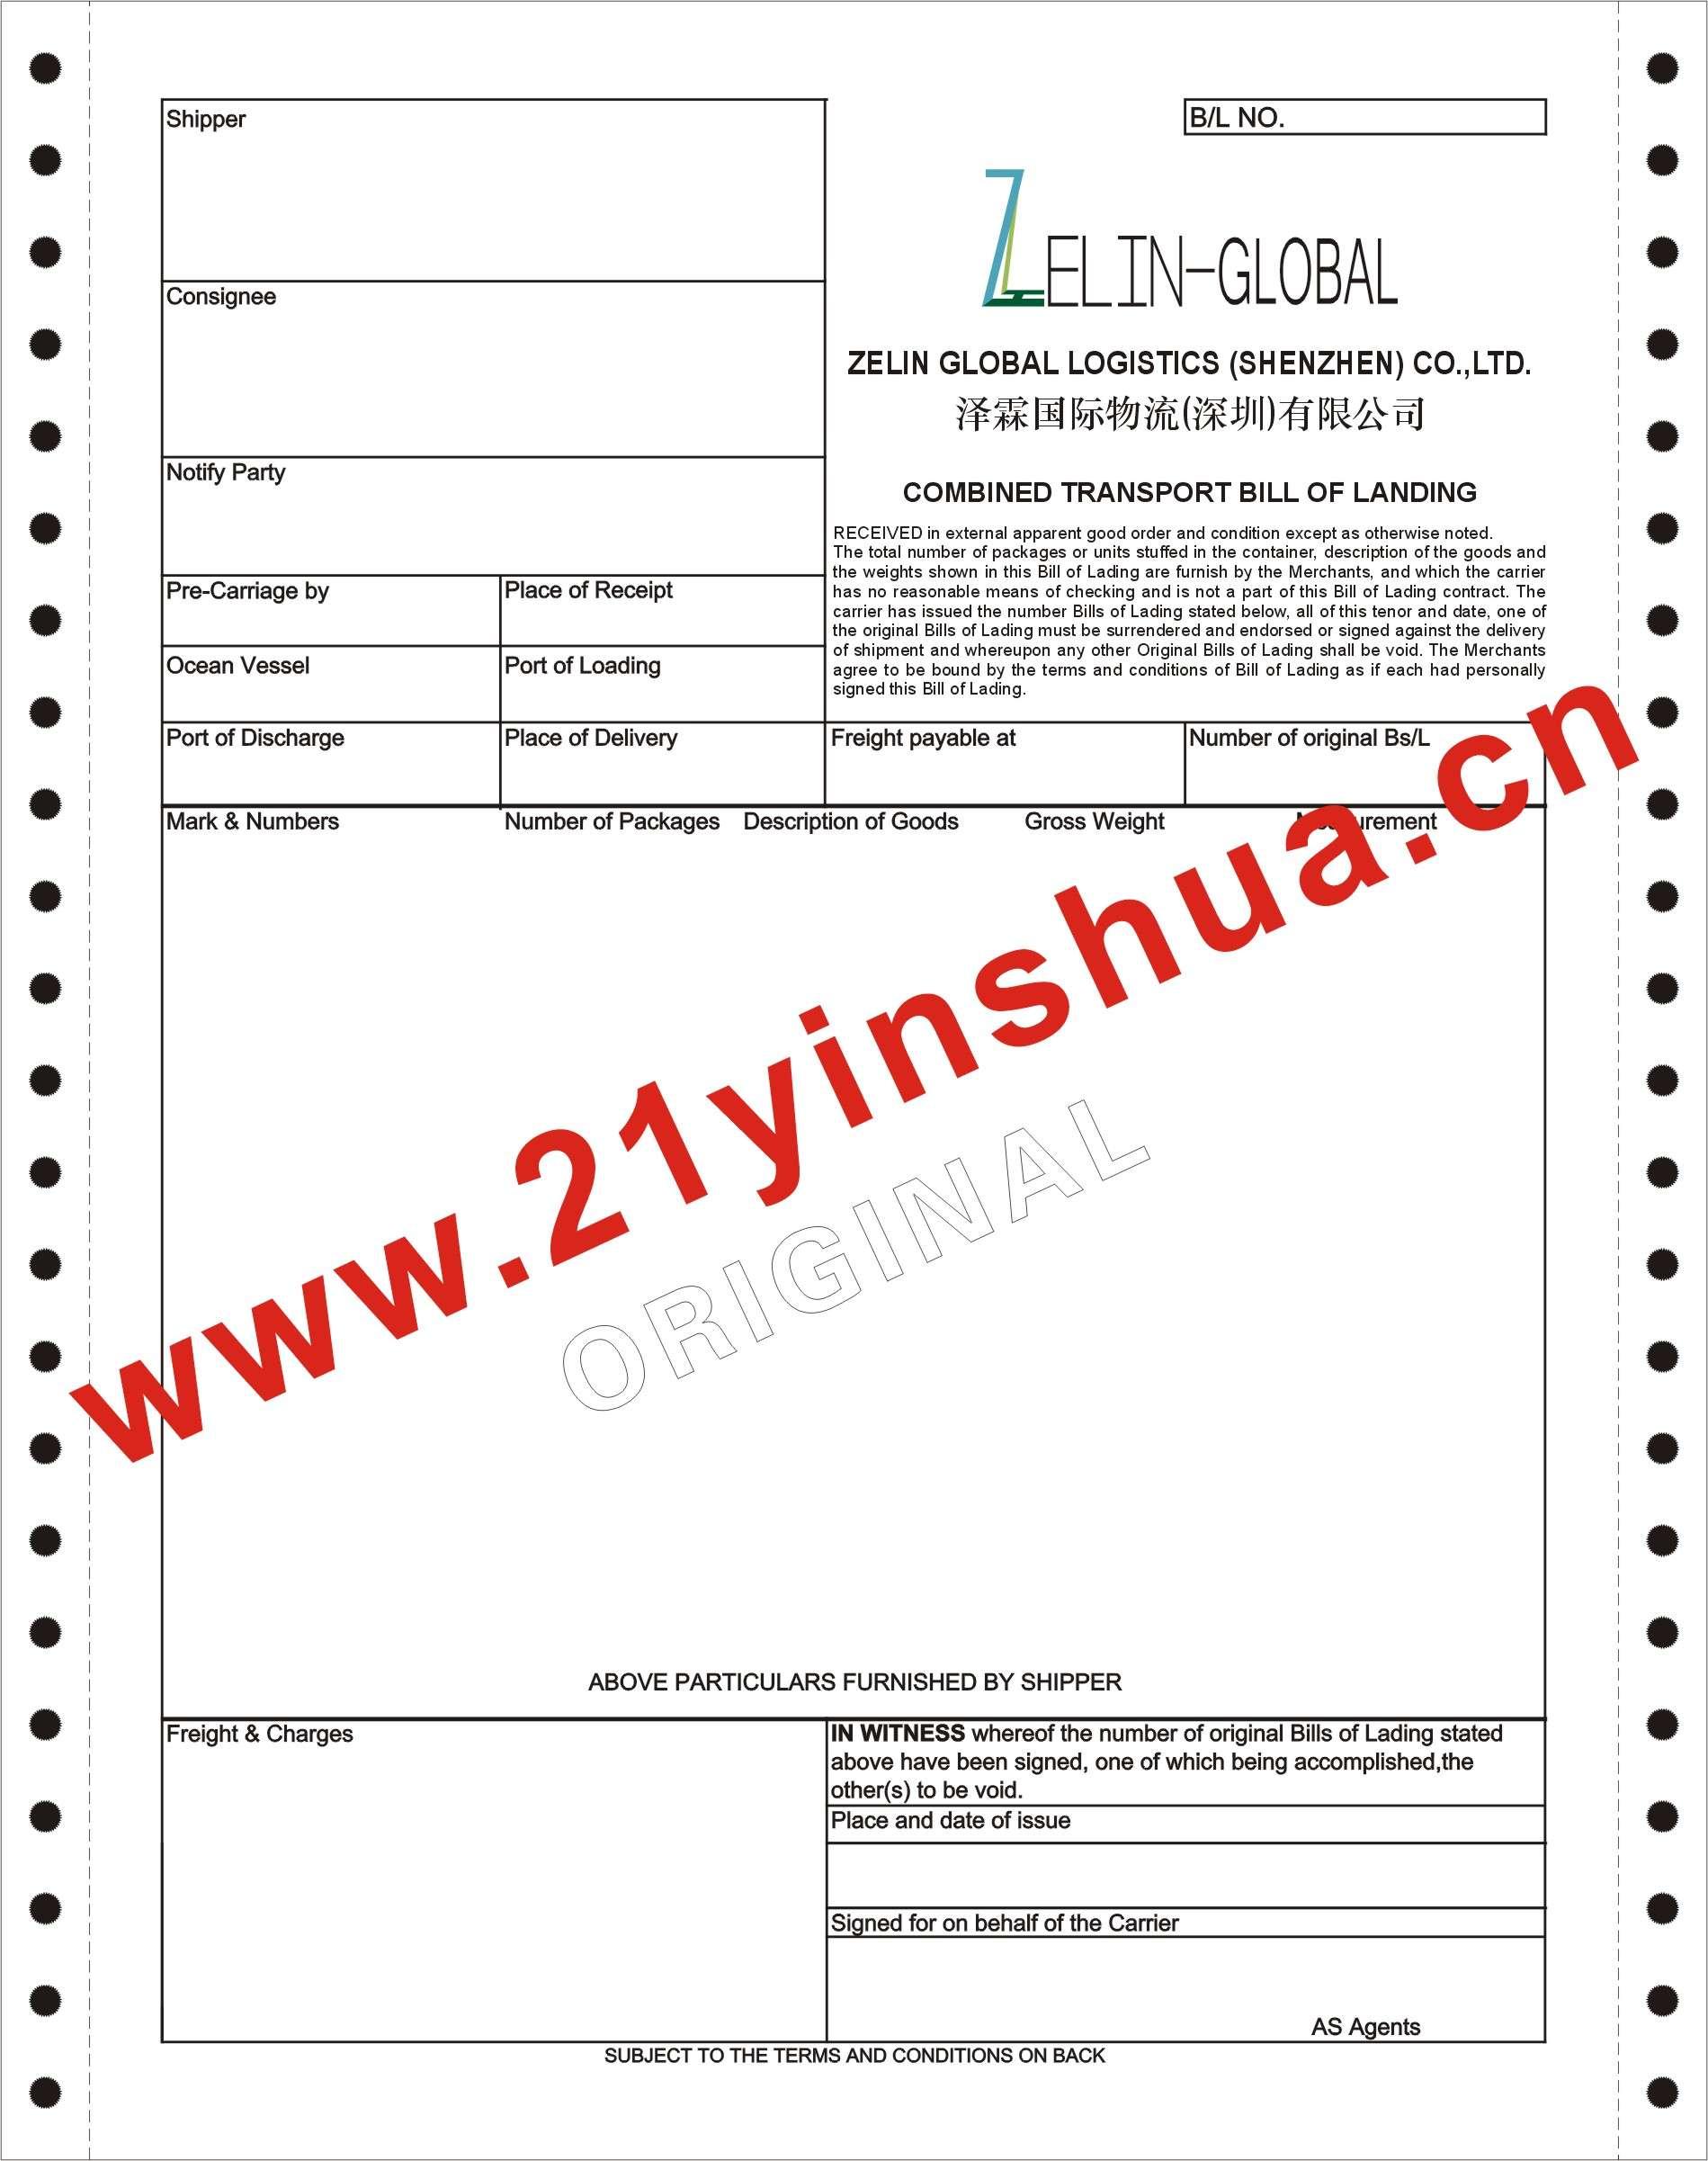 印刷定制海运提单ZELIN GLOBAL泽霖国际物流成功案例